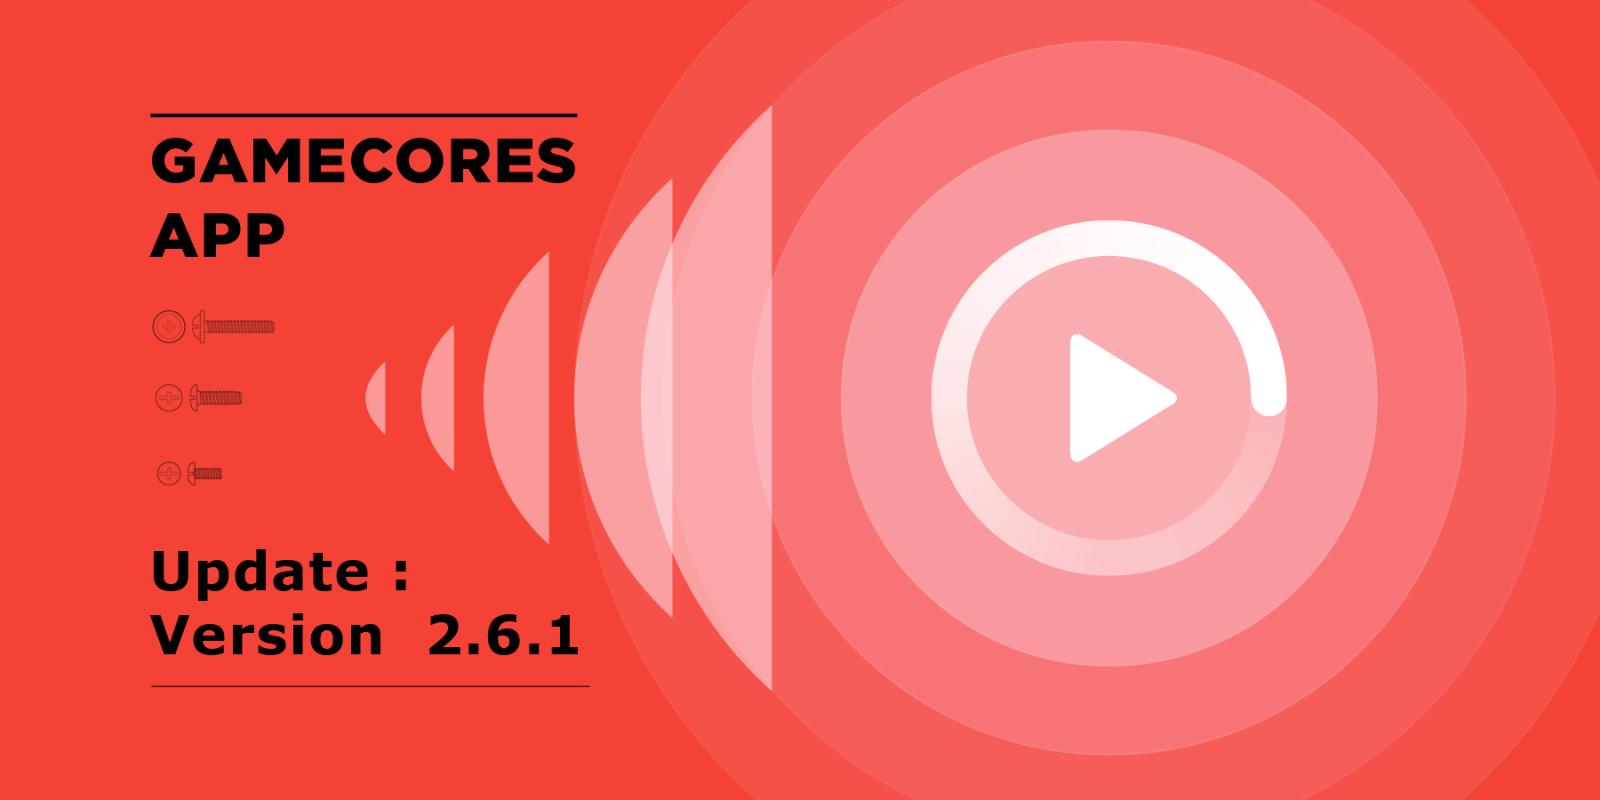 请 iOS 用户更新 机核 App 至 2.6.1 版本!